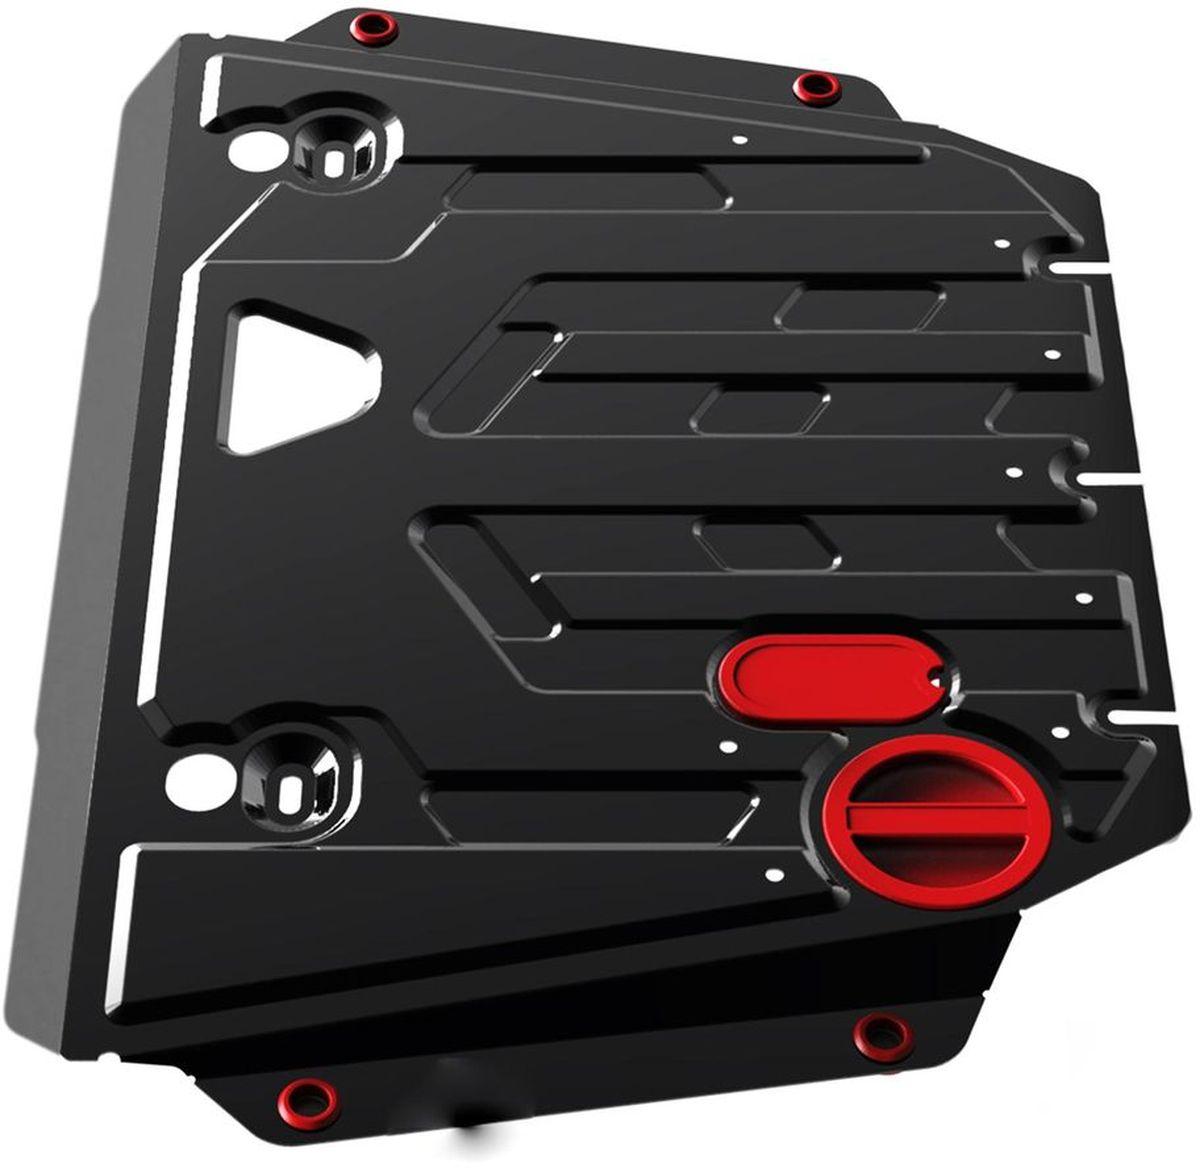 Защита картера и КПП Автоброня, для Chery Indis (s18d ), V-1,3111.00910.1Технологически совершенный продукт за невысокую стоимость. Защита разработана с учетом особенностей днища автомобиля, что позволяет сохранить дорожный просвет с минимальным изменением. Защита устанавливается в штатные места кузова автомобиля. Глубокий штамп обеспечивает до двух раз больше жесткости в сравнении с обычной защитой той же толщины. Проштампованные ребра жесткости препятствуют деформации защиты при ударах. Тепловой зазор и вентиляционные отверстия обеспечивают сохранение температурного режима двигателя в норме. Скрытый крепеж предотвращает срыв крепежных элементов при наезде на препятствие. Шумопоглощающие резиновые элементы обеспечивают комфортную езду без вибраций и скрежета металла, а съемные лючки для слива масла и замены фильтра - экономию средств и время. Конструкция изделия не влияет на пассивную безопасность автомобиля (при ударе защита не воздействует на деформационные зоны кузова). Со штатным крепежом. В комплекте инструкция по установке....